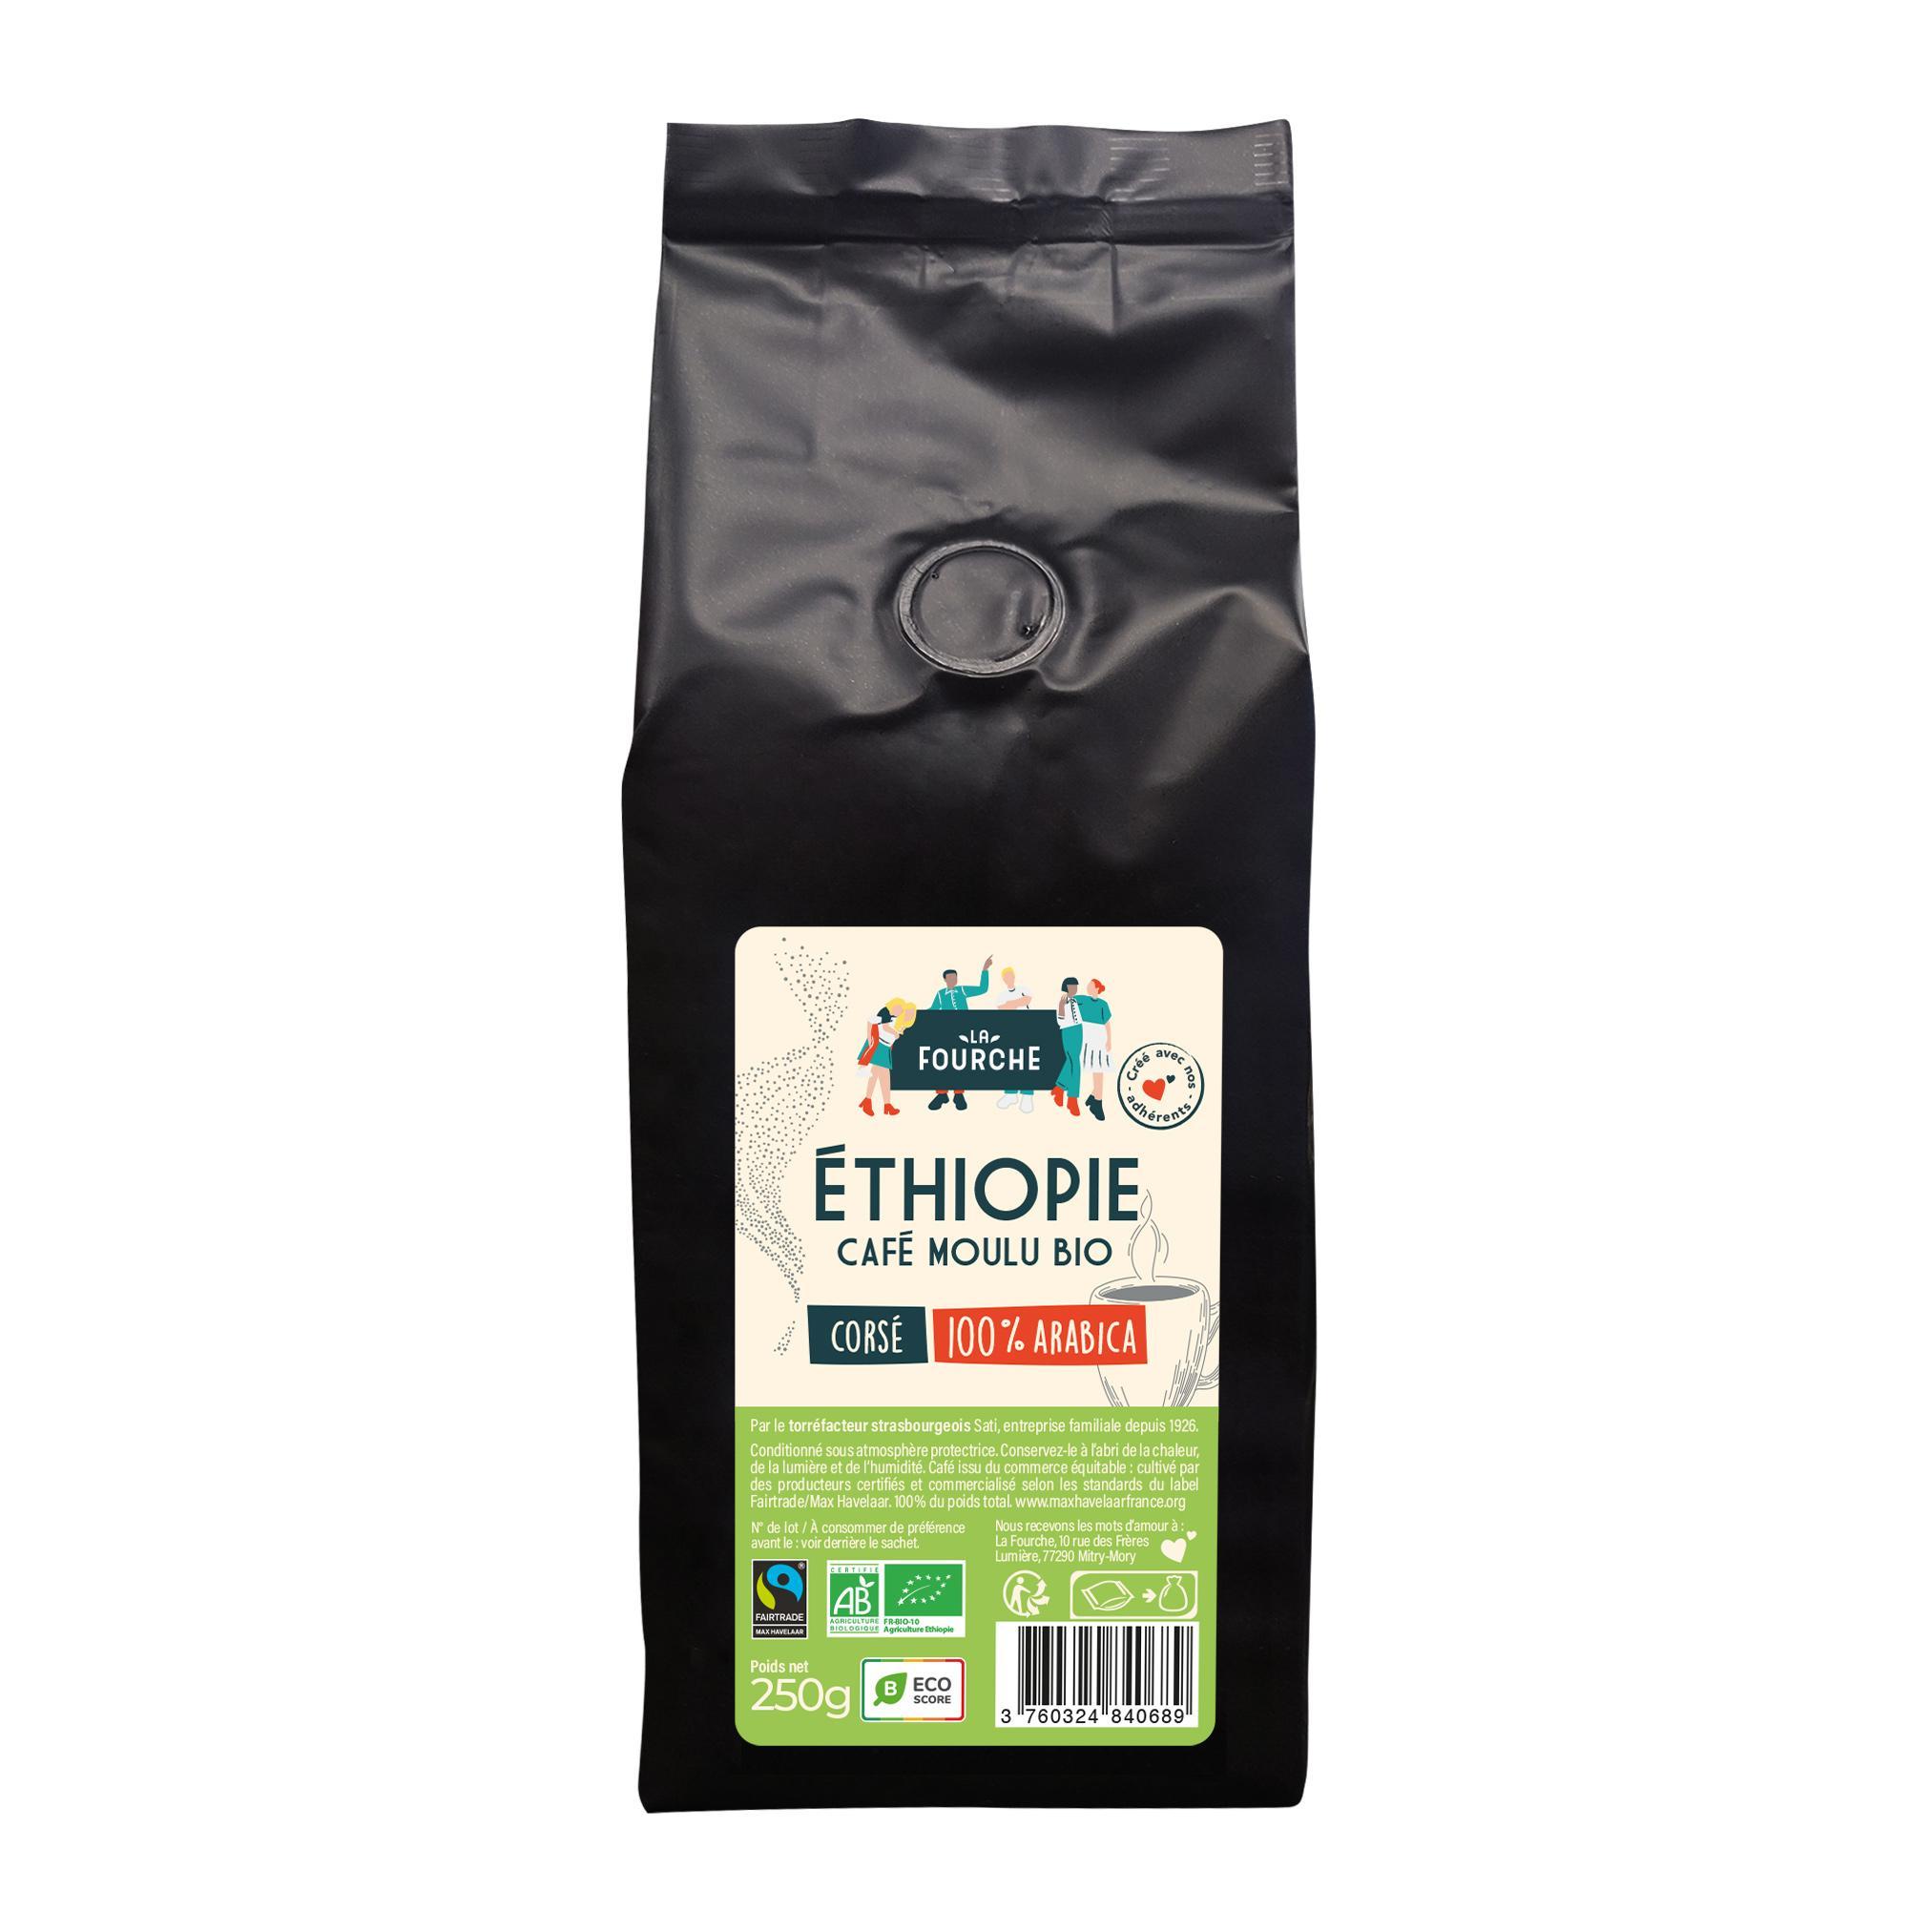 img-la-fourche-cafe-moulu-corse-arabica-ethiopie-bio-0-25kg